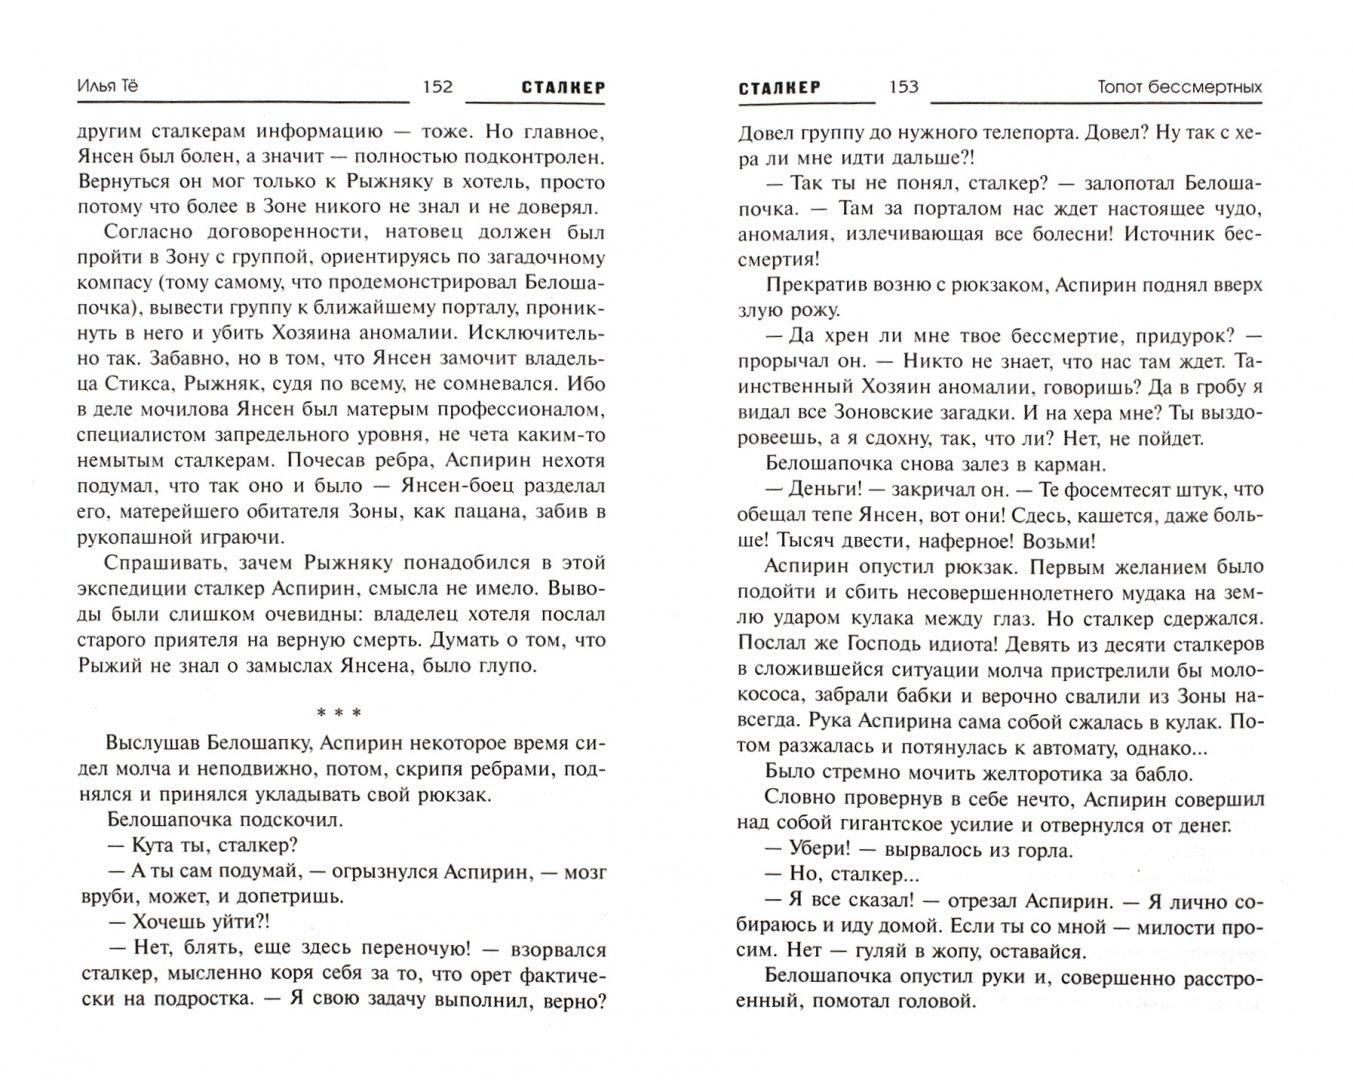 Иллюстрация 1 из 24 для Радиант Пильмана: Топот бессмертных - Илья Тё | Лабиринт - книги. Источник: Лабиринт